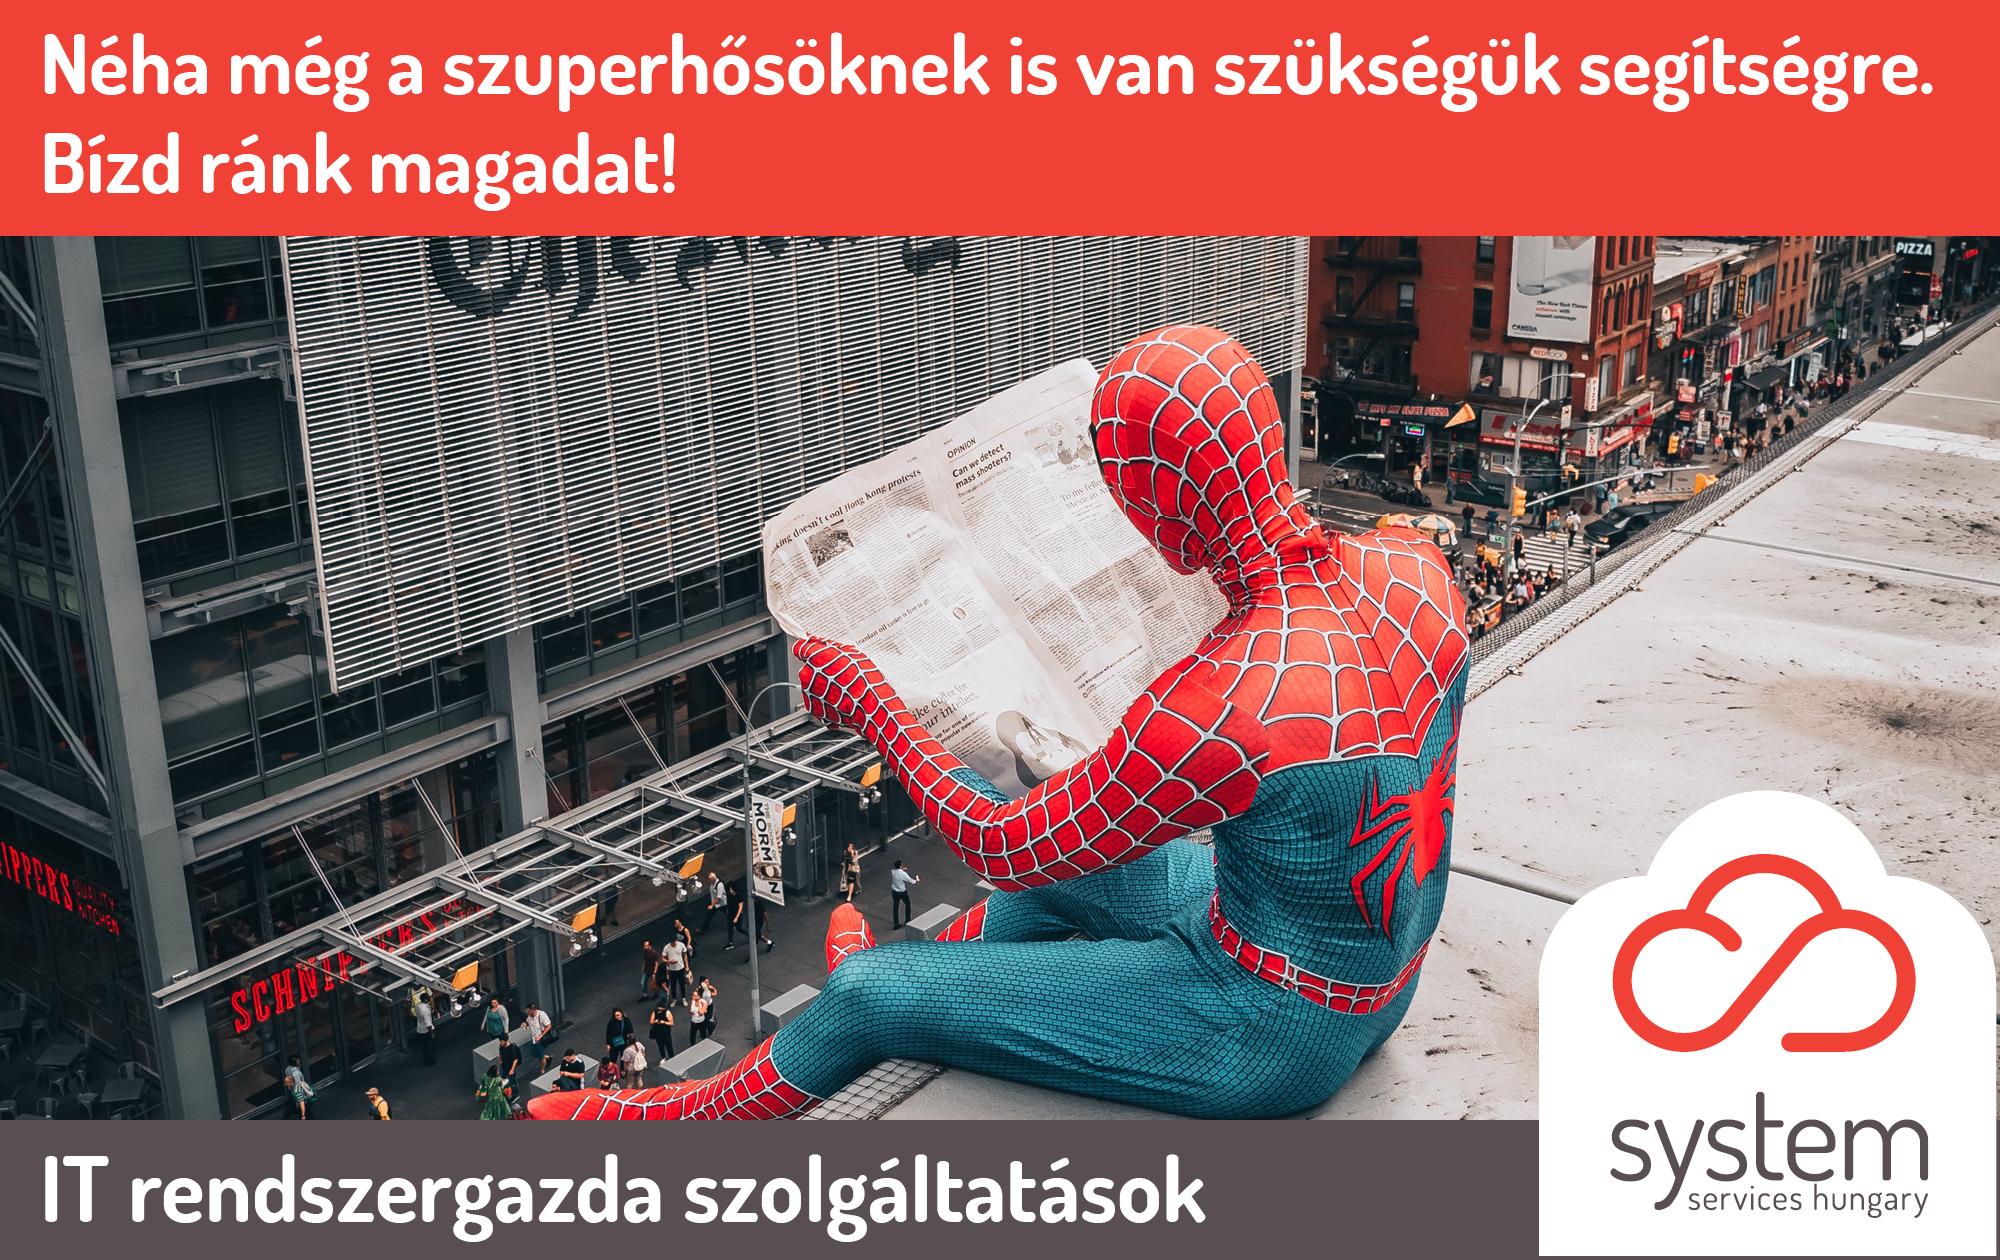 Maga a Pókember is tájékozódik és információt szerez annak érdekében, hogy jó minőségben végezhesse a szuperhős feladatait: mi pedig bízva abban, hogy akár neki is segíthetünk, leírtuk, mit lehet tenni a számítógépek lefagyása esetén. #SpiderMan #readtoachieve